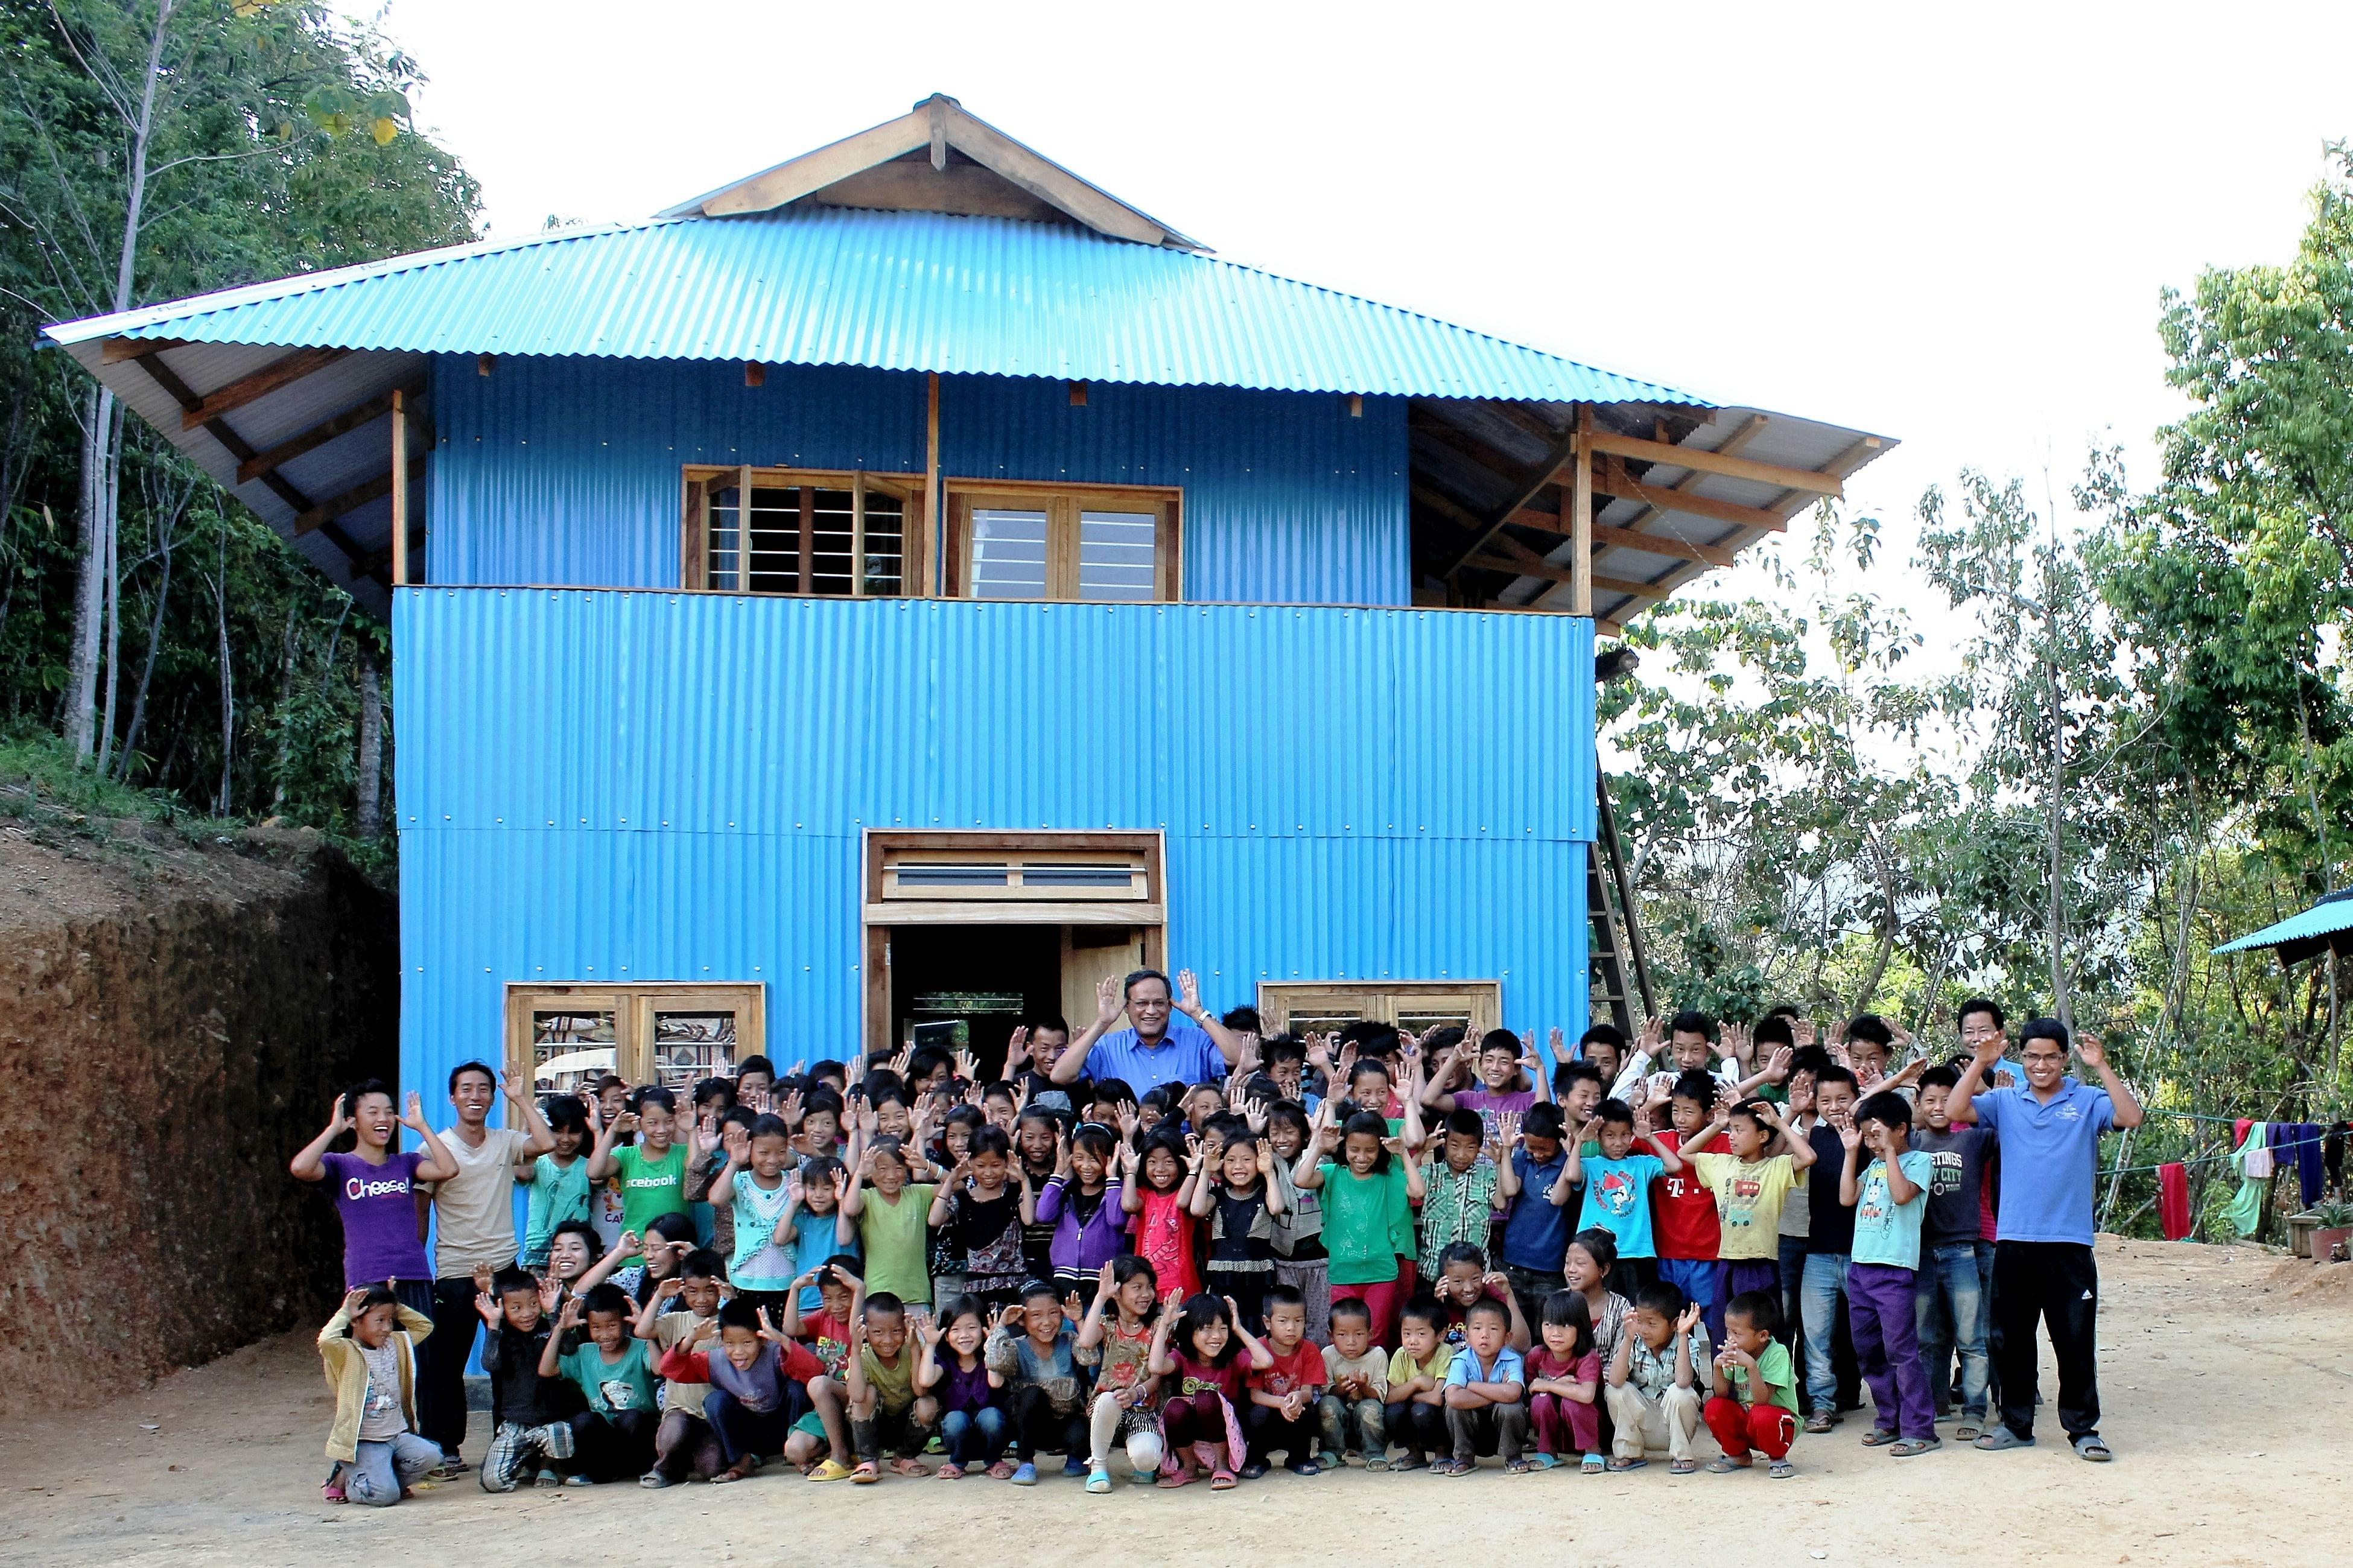 Sunbird Friendship Hostel at Ijeirong Village.